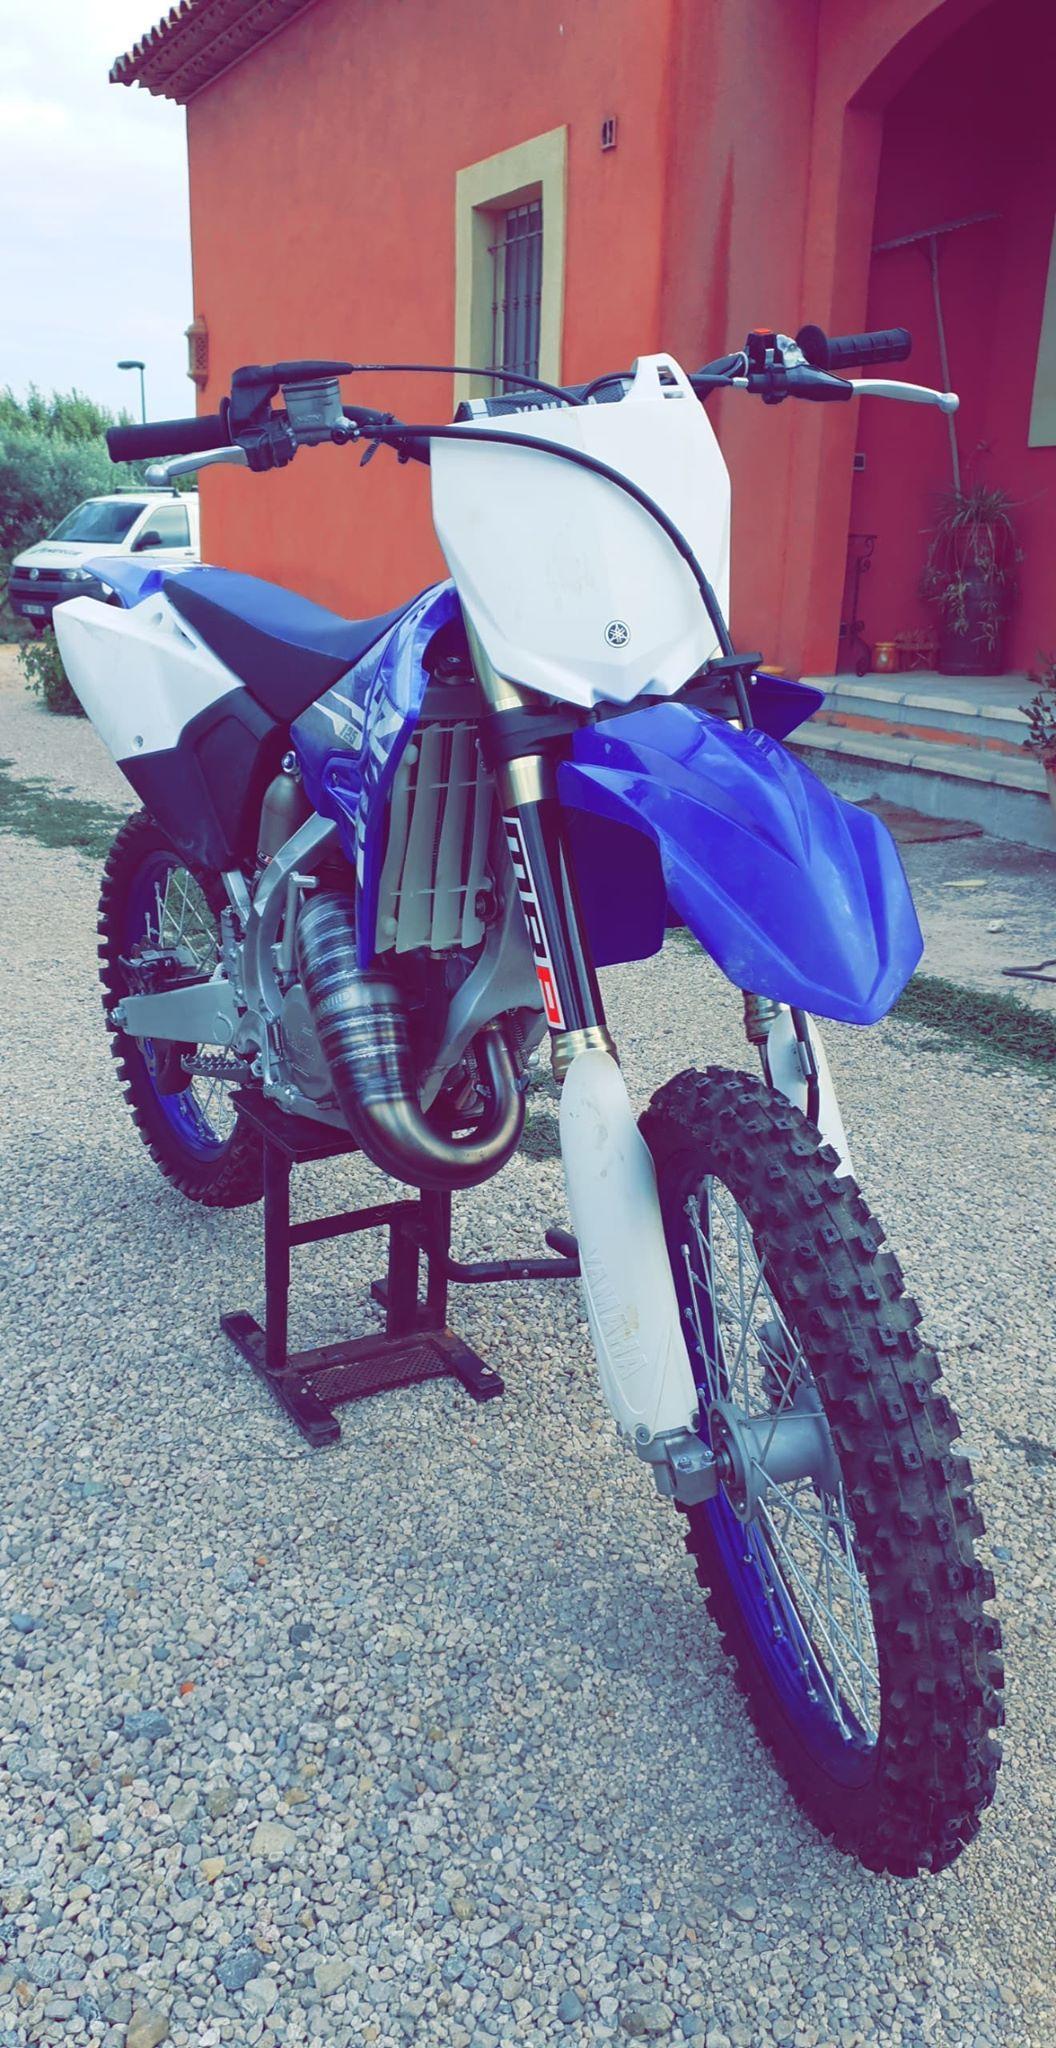 Yamaha Yz 125 2018 Fond D Ecran Moto Fond D Ecran Moto Cross Fond D Ecran Yamaha